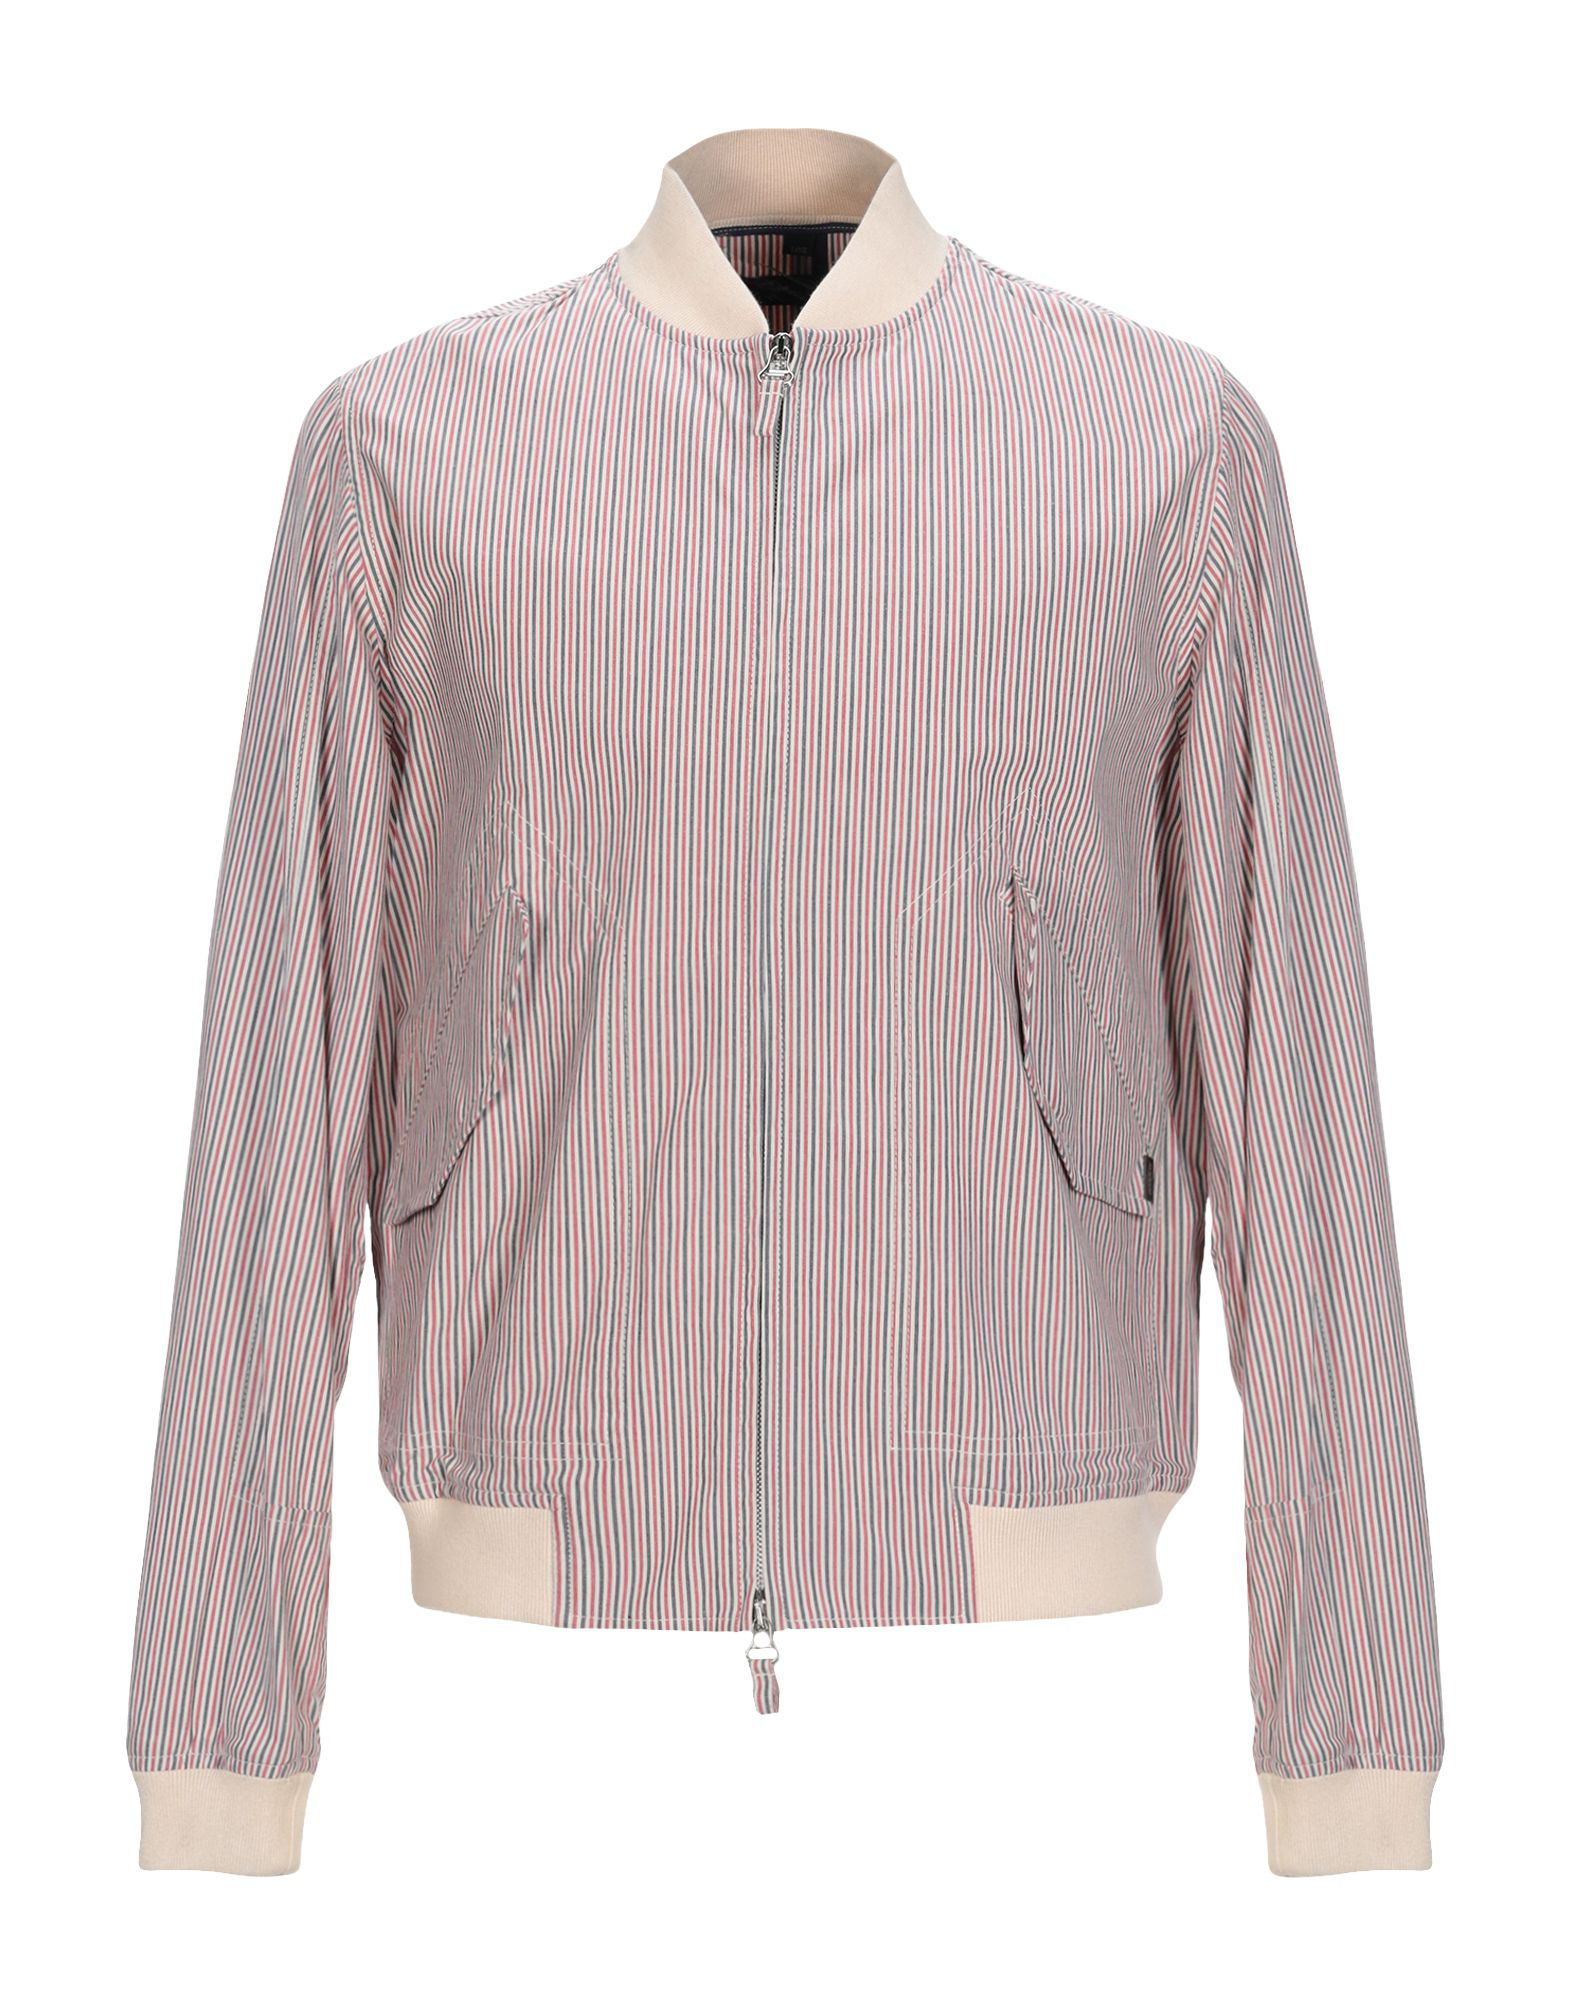 JECKERSON Куртка куртка бомбер короткая в полоску с вышивкой 100